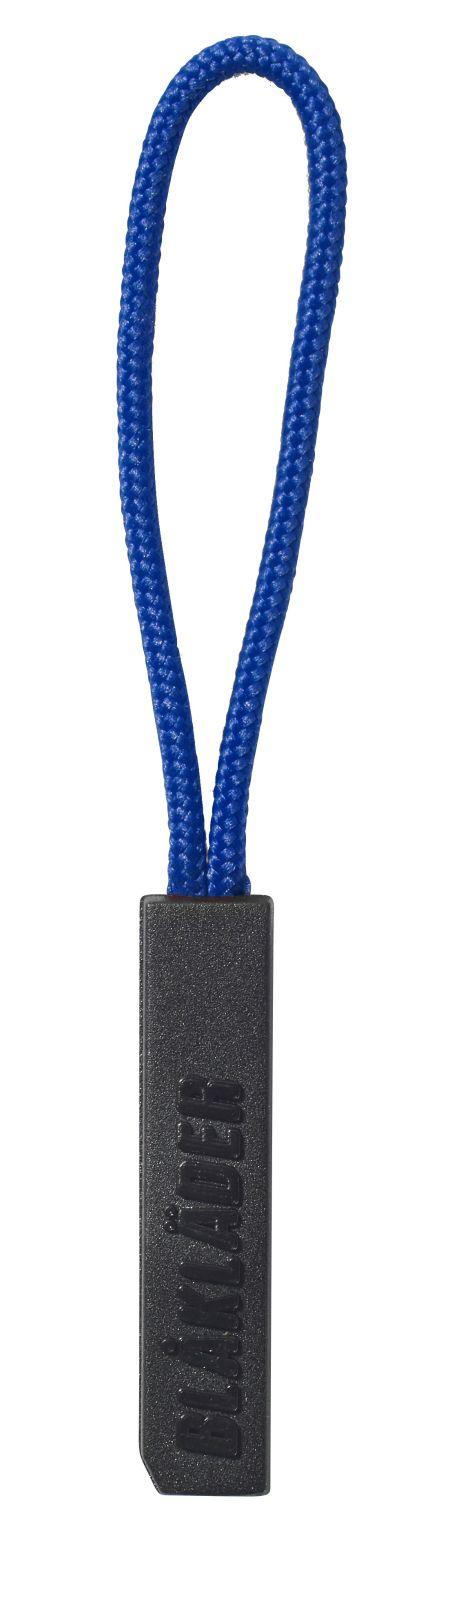 Blaklader Rits puller 21550000 korenblauw(8500)